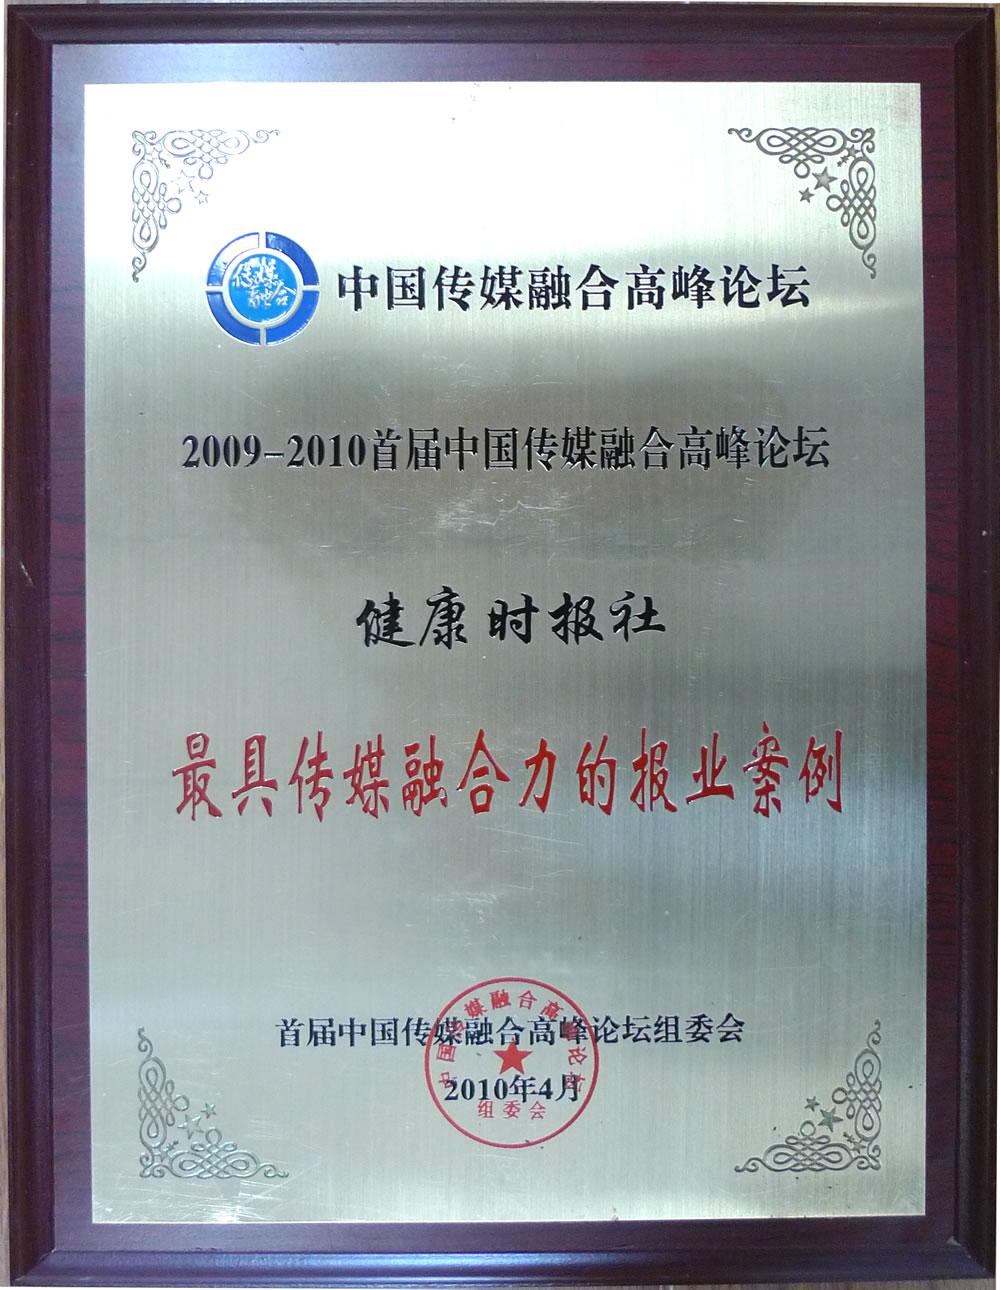 2009-2010最具融合力牌匾